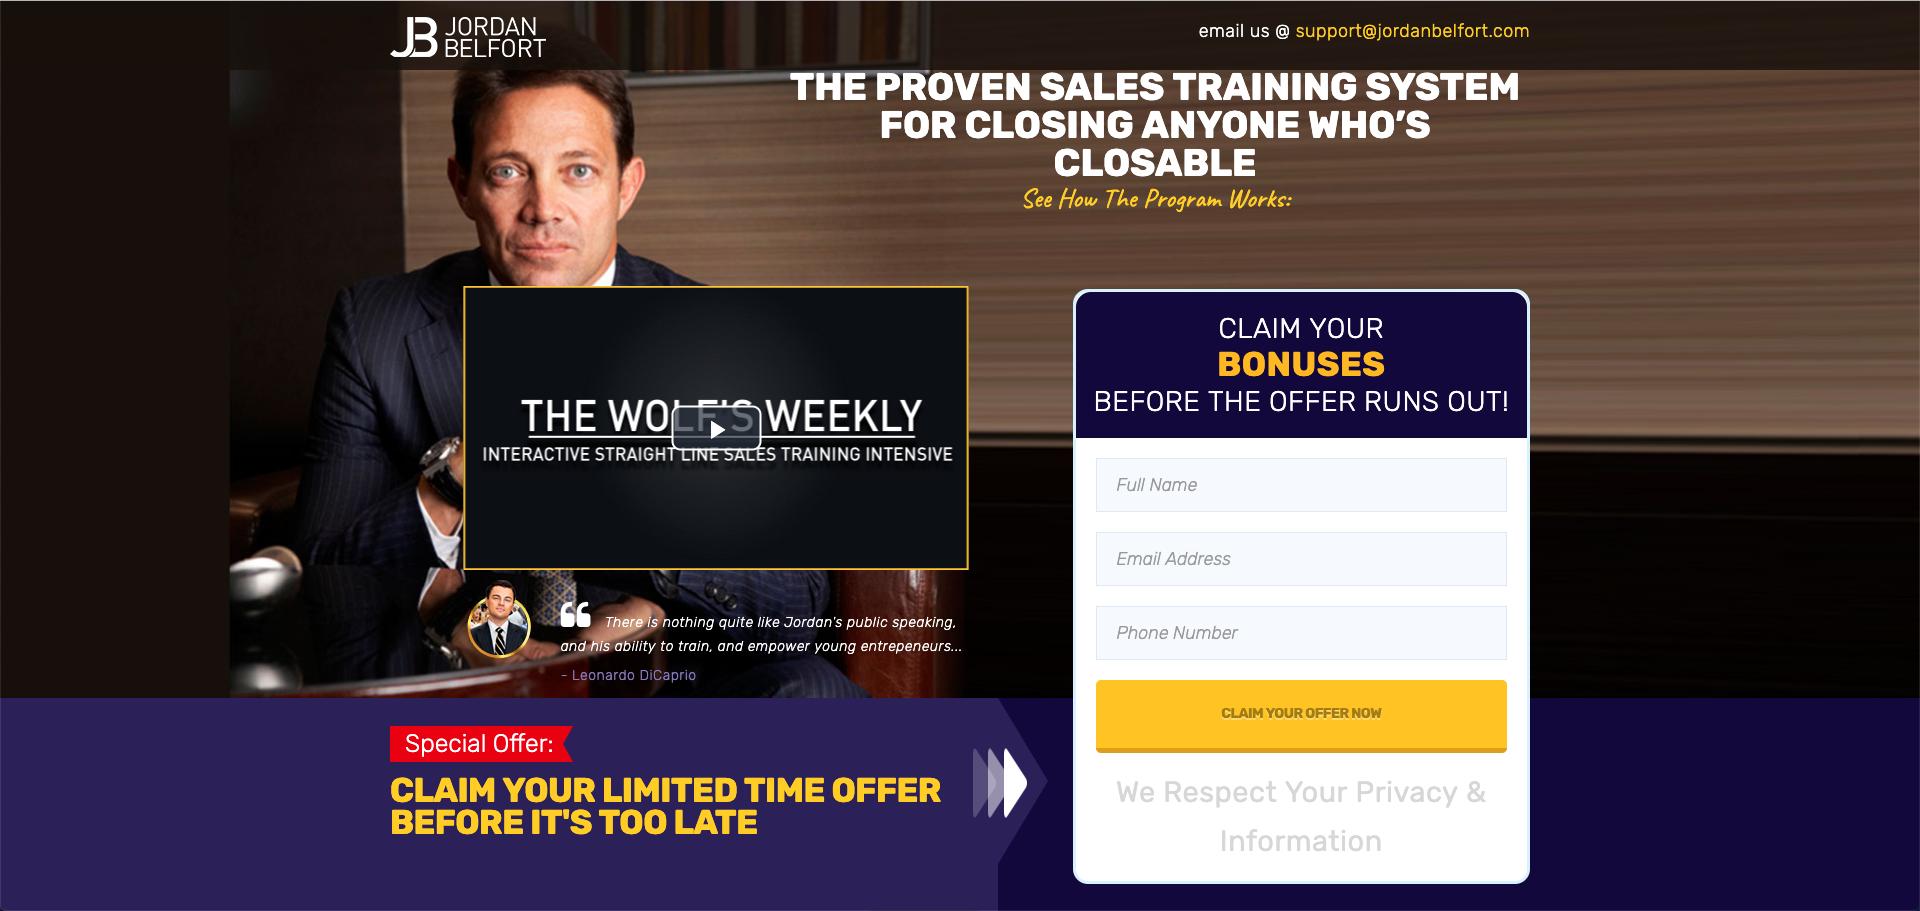 Lær Jordan Belforts salgstræning så du kan lukke alle handler der er lukkebar. Som betyder øget salg på bundlinien. Bemærk træningen er på Engelsk.